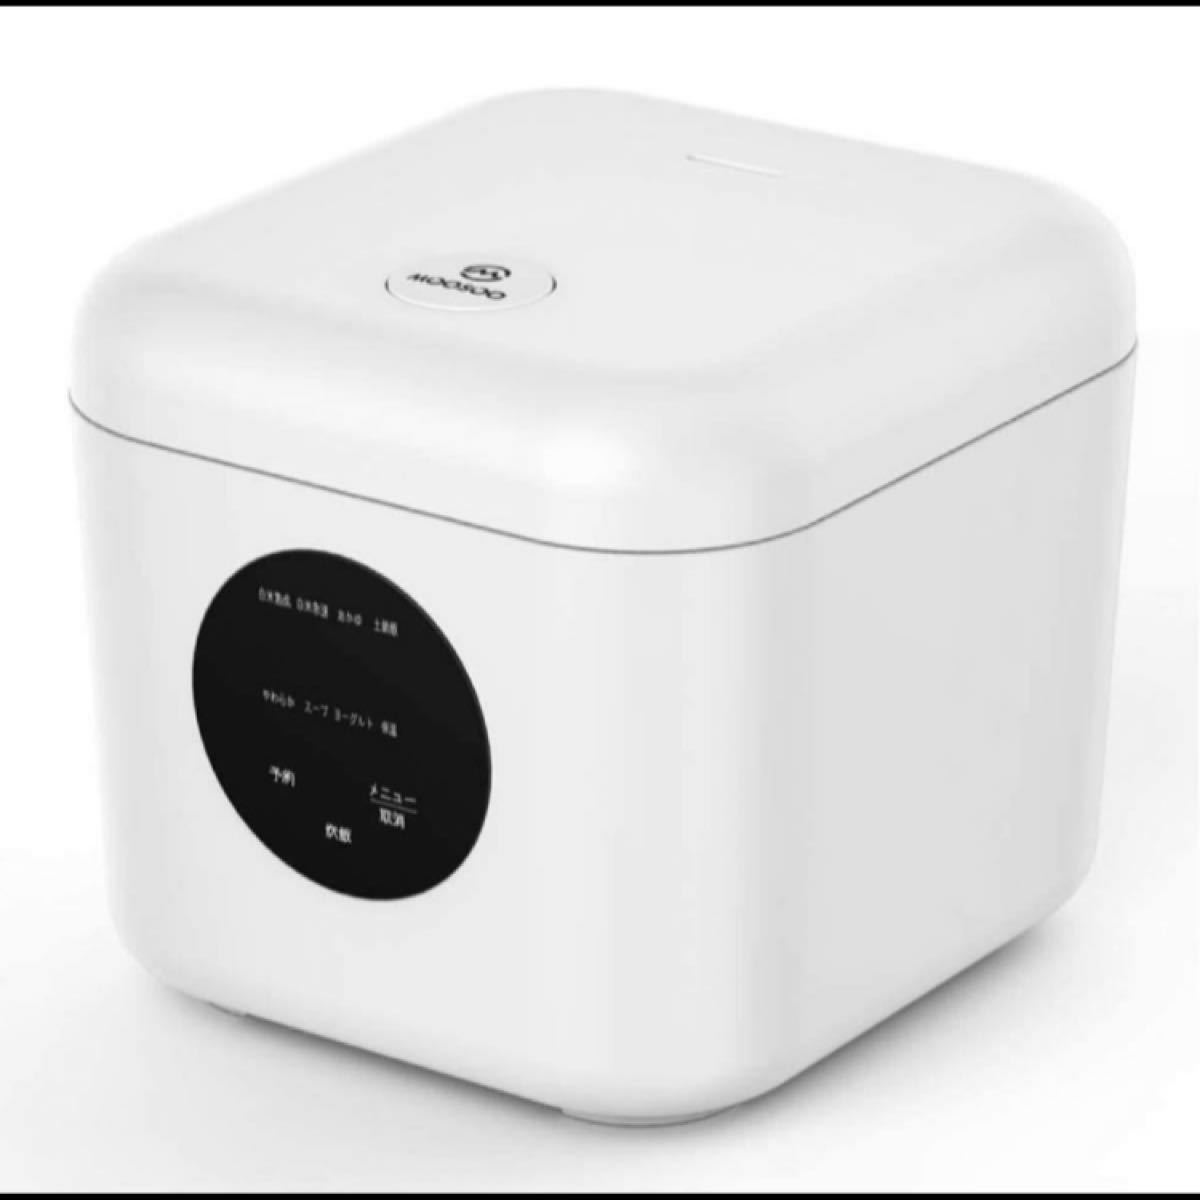 多機能炊飯器 4合 8種類の調理メニュー タッチセンサー式スイッチ 一人暮らし 軽量 家庭用 米熟成 米急速 お粥 スープ 煮る